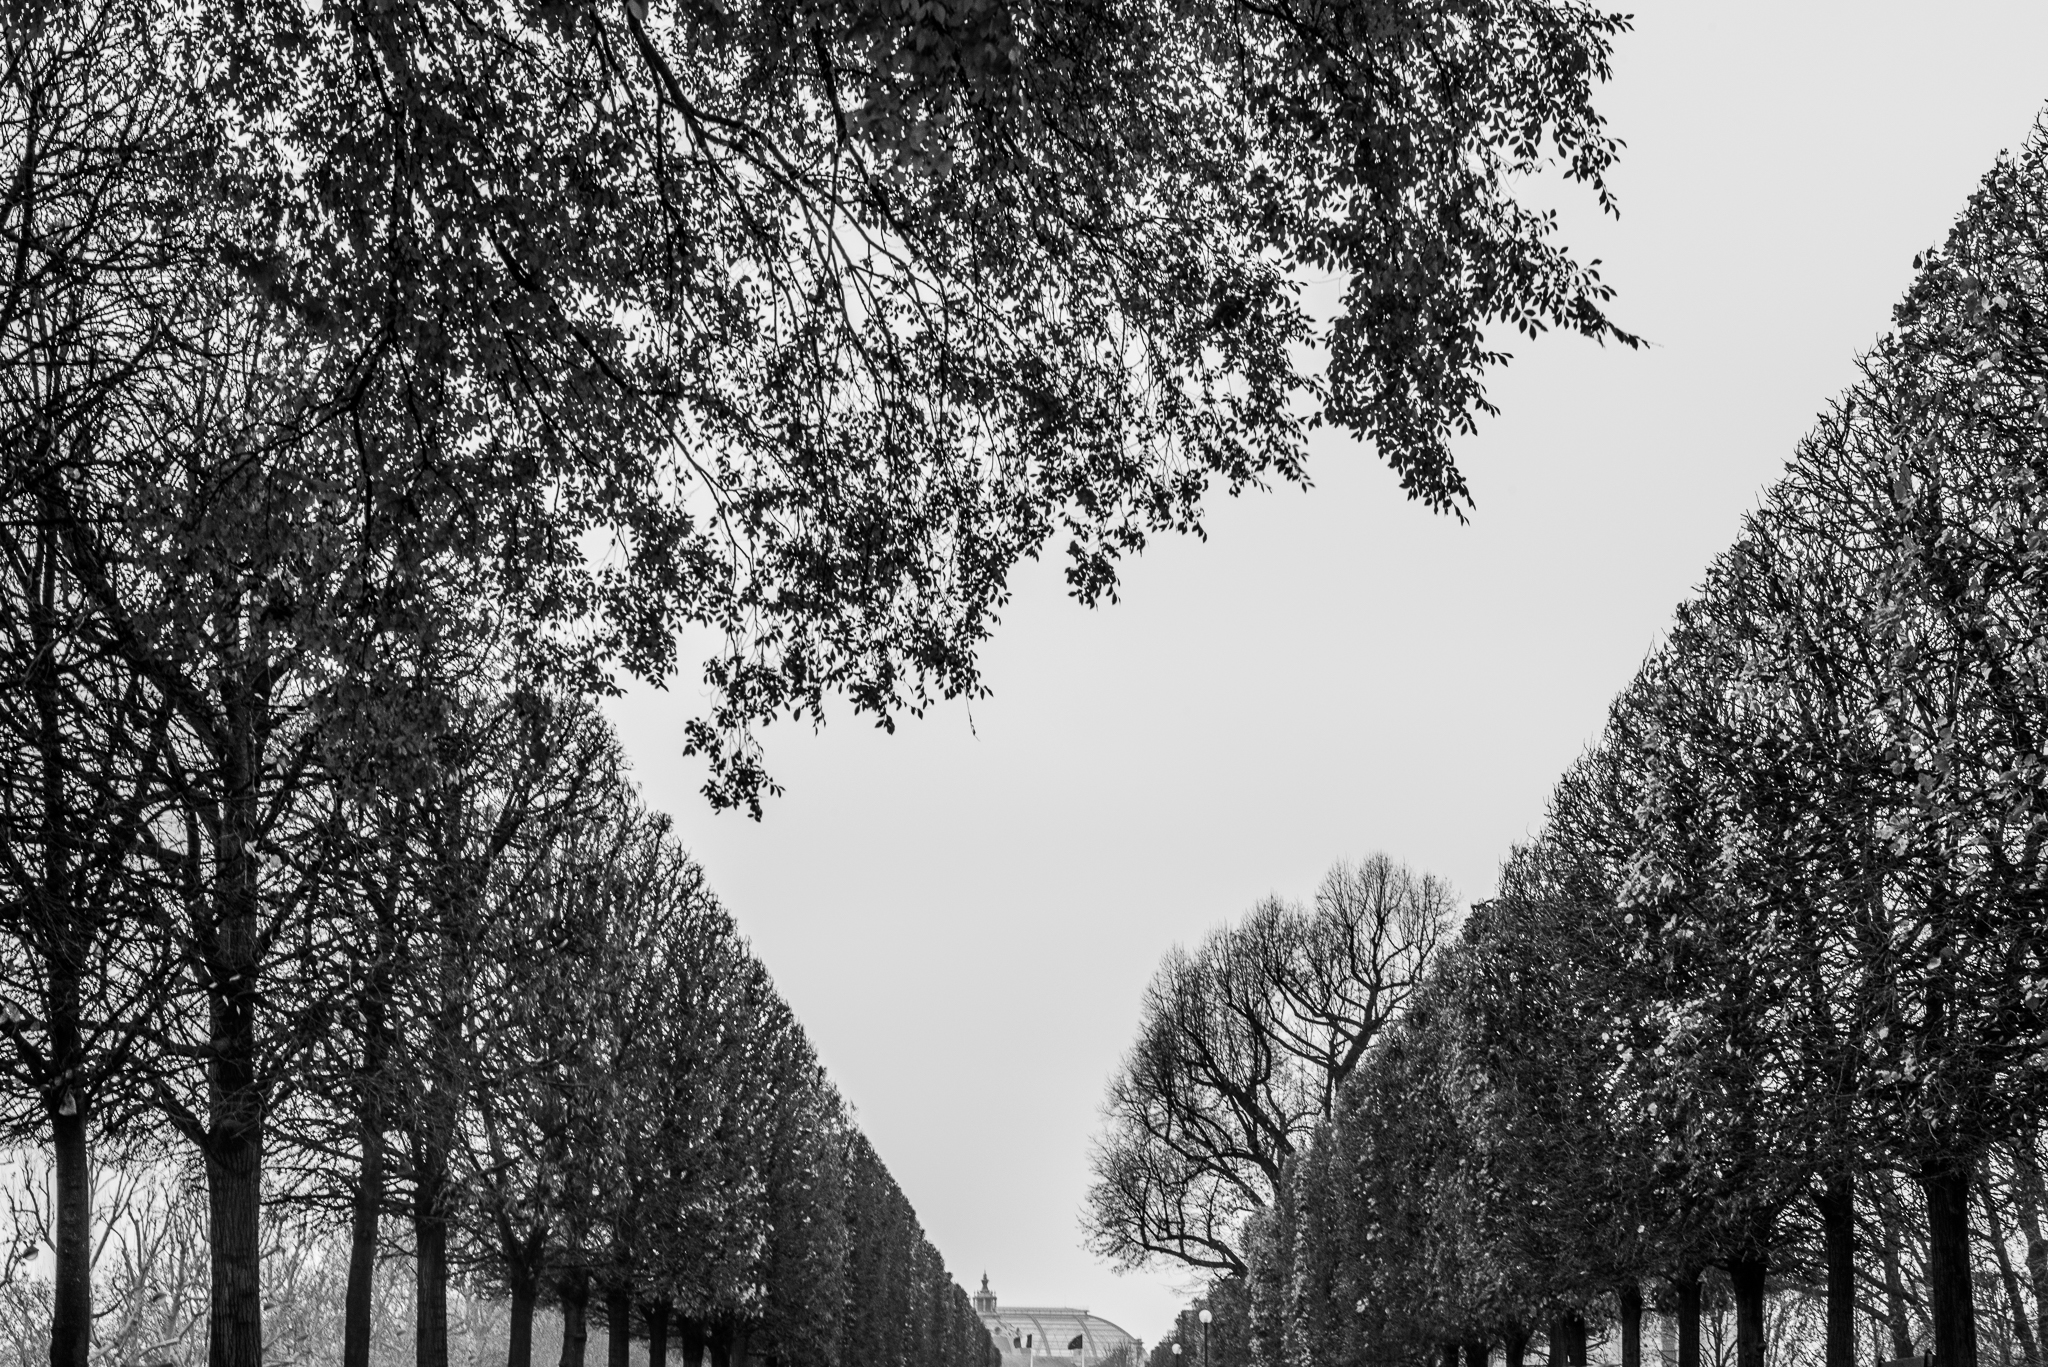 Jason-Davis-Images-Paris-0020.jpg